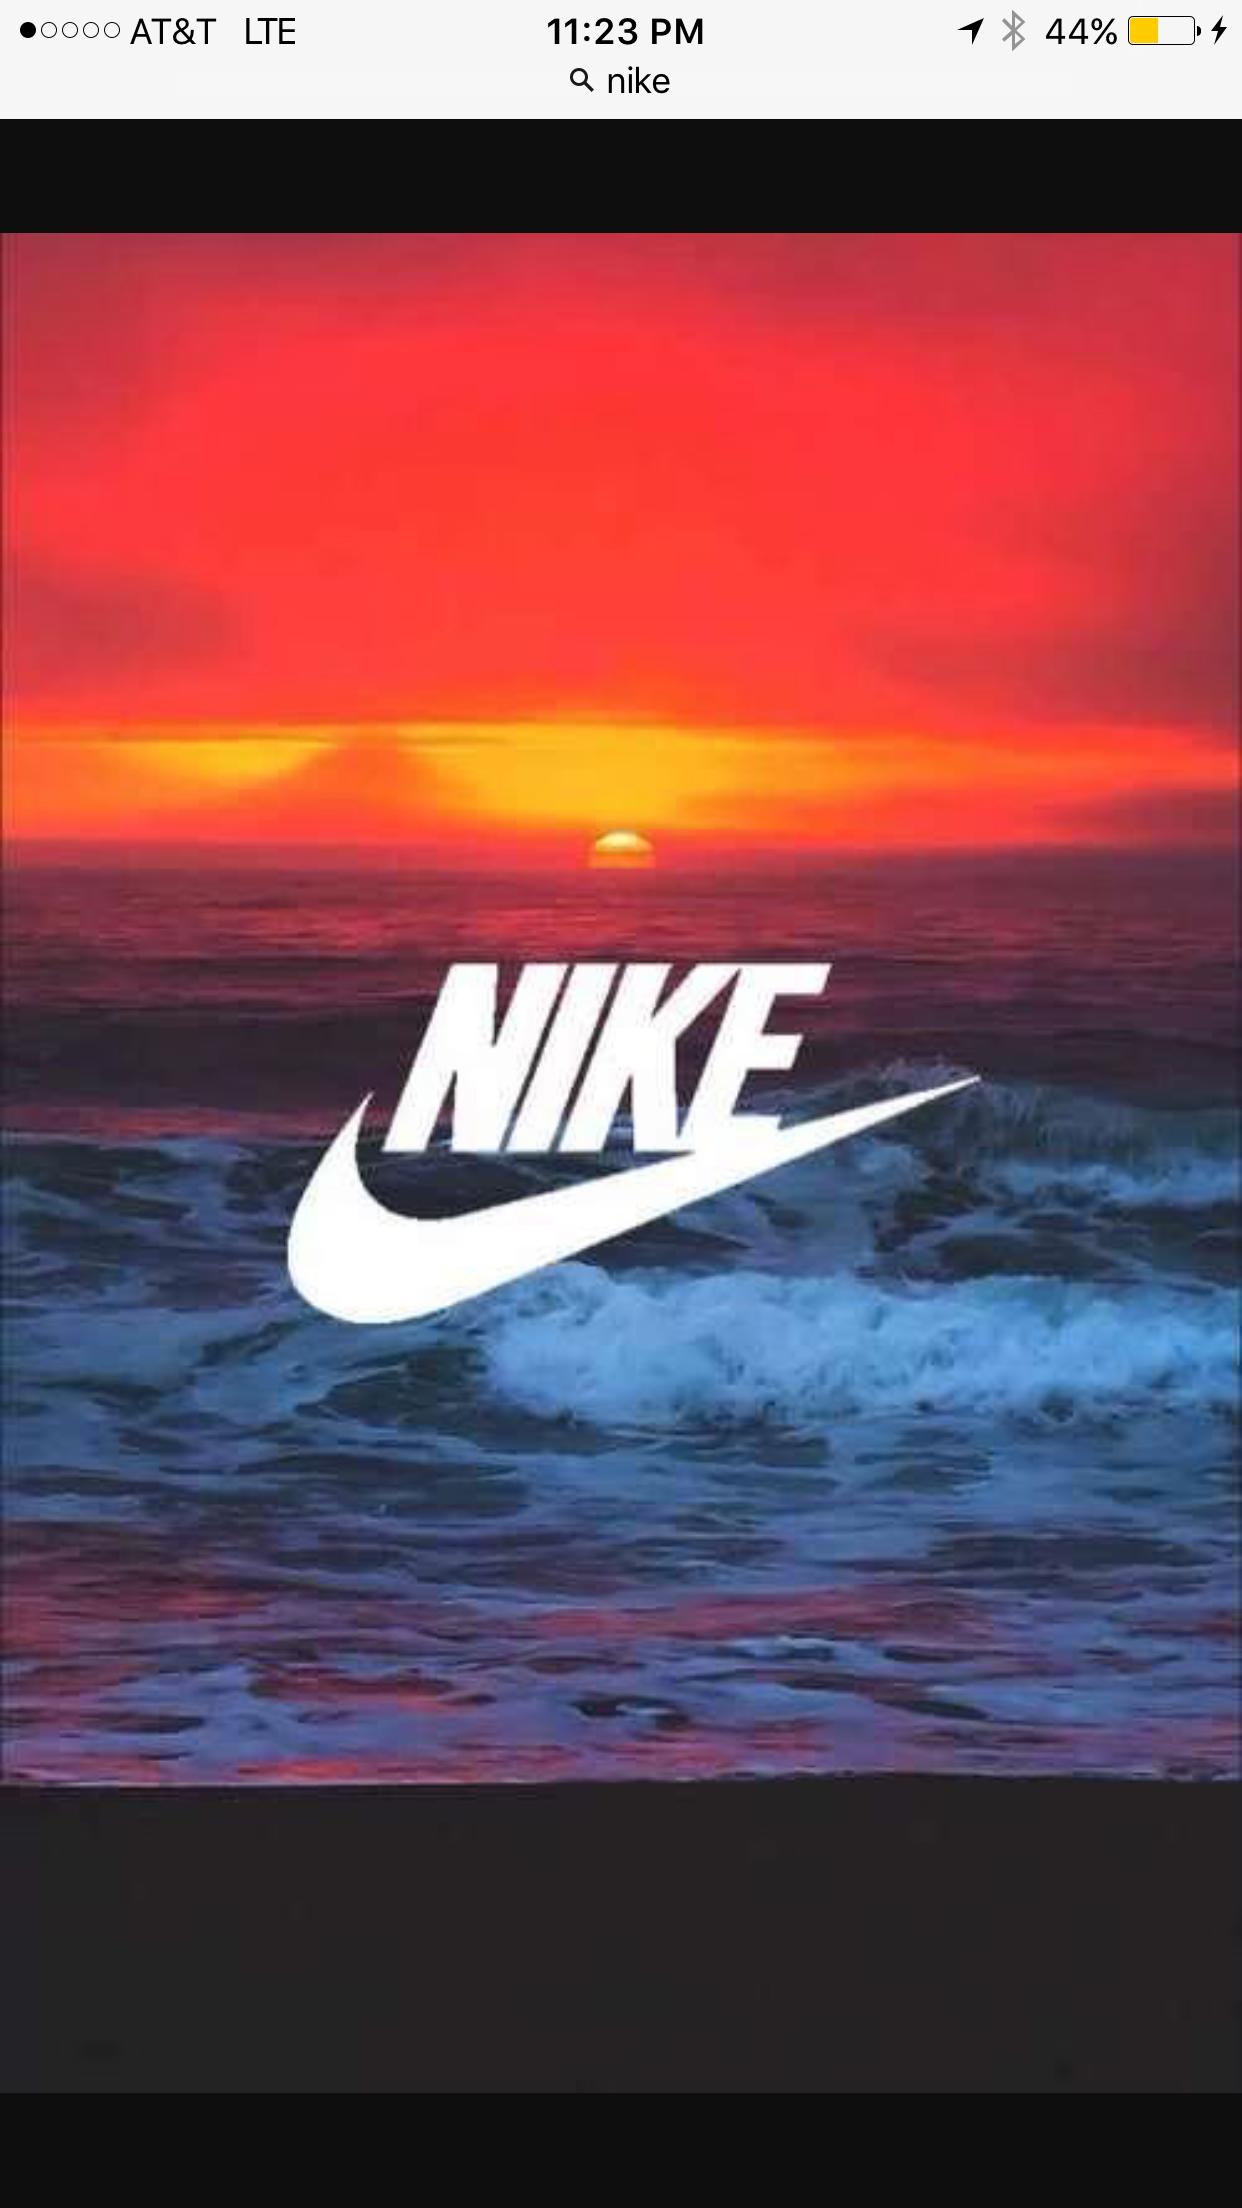 Pin by Peyton on Nike. ️ ️ Nike wallpaper, Nike